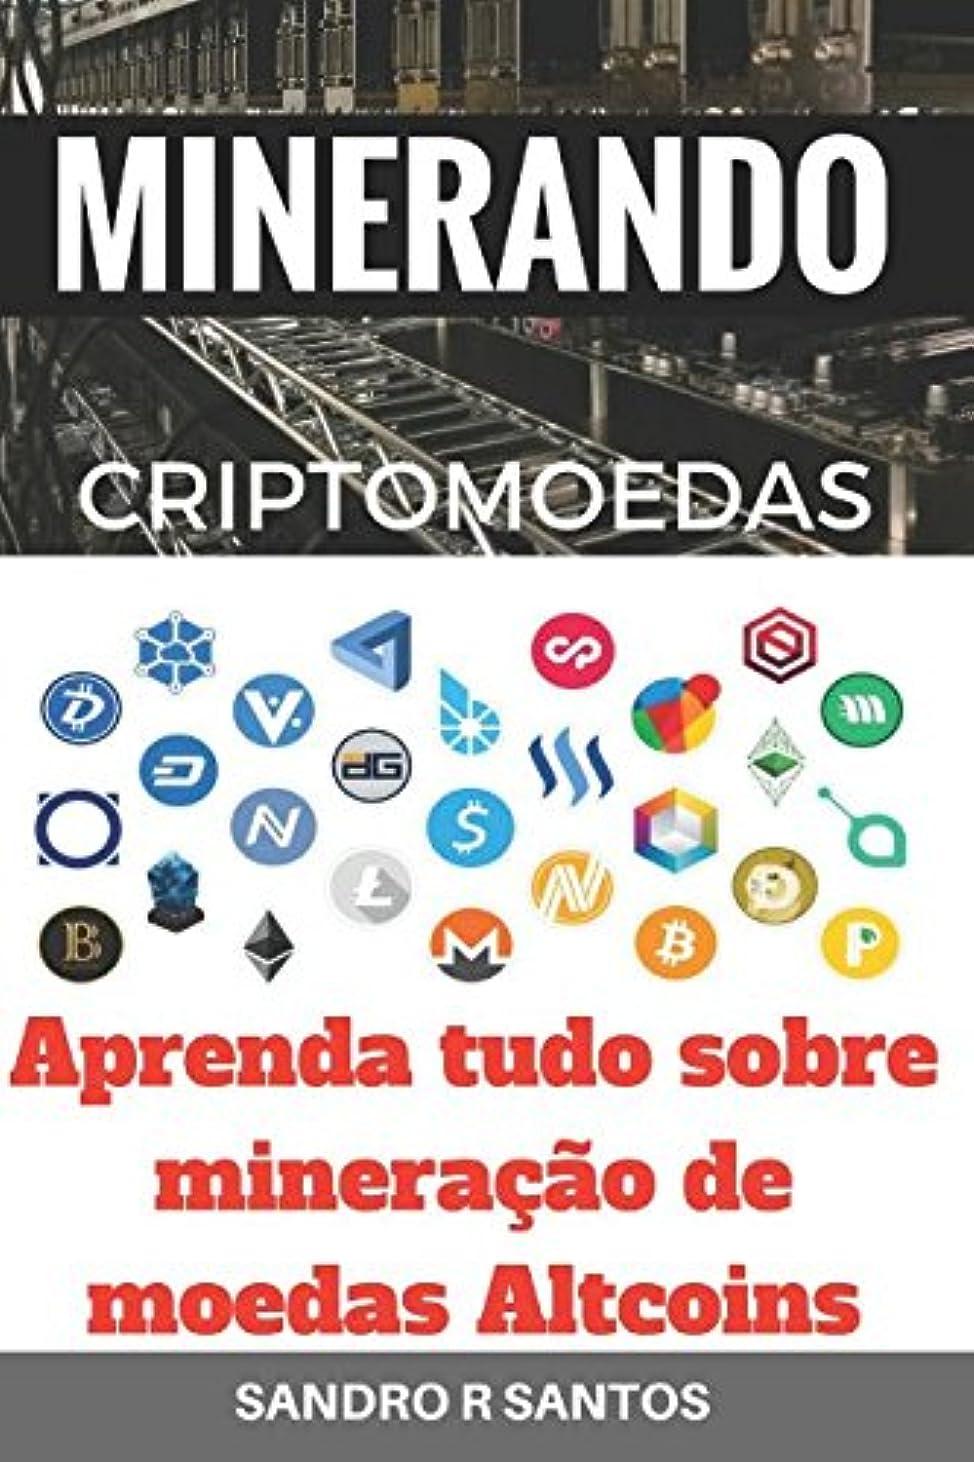 エミュレートする魅惑的な近々MINERANDO CRIPTOMOEDAS: Aprenda tudo sobre minera??o de moedas Altcoins